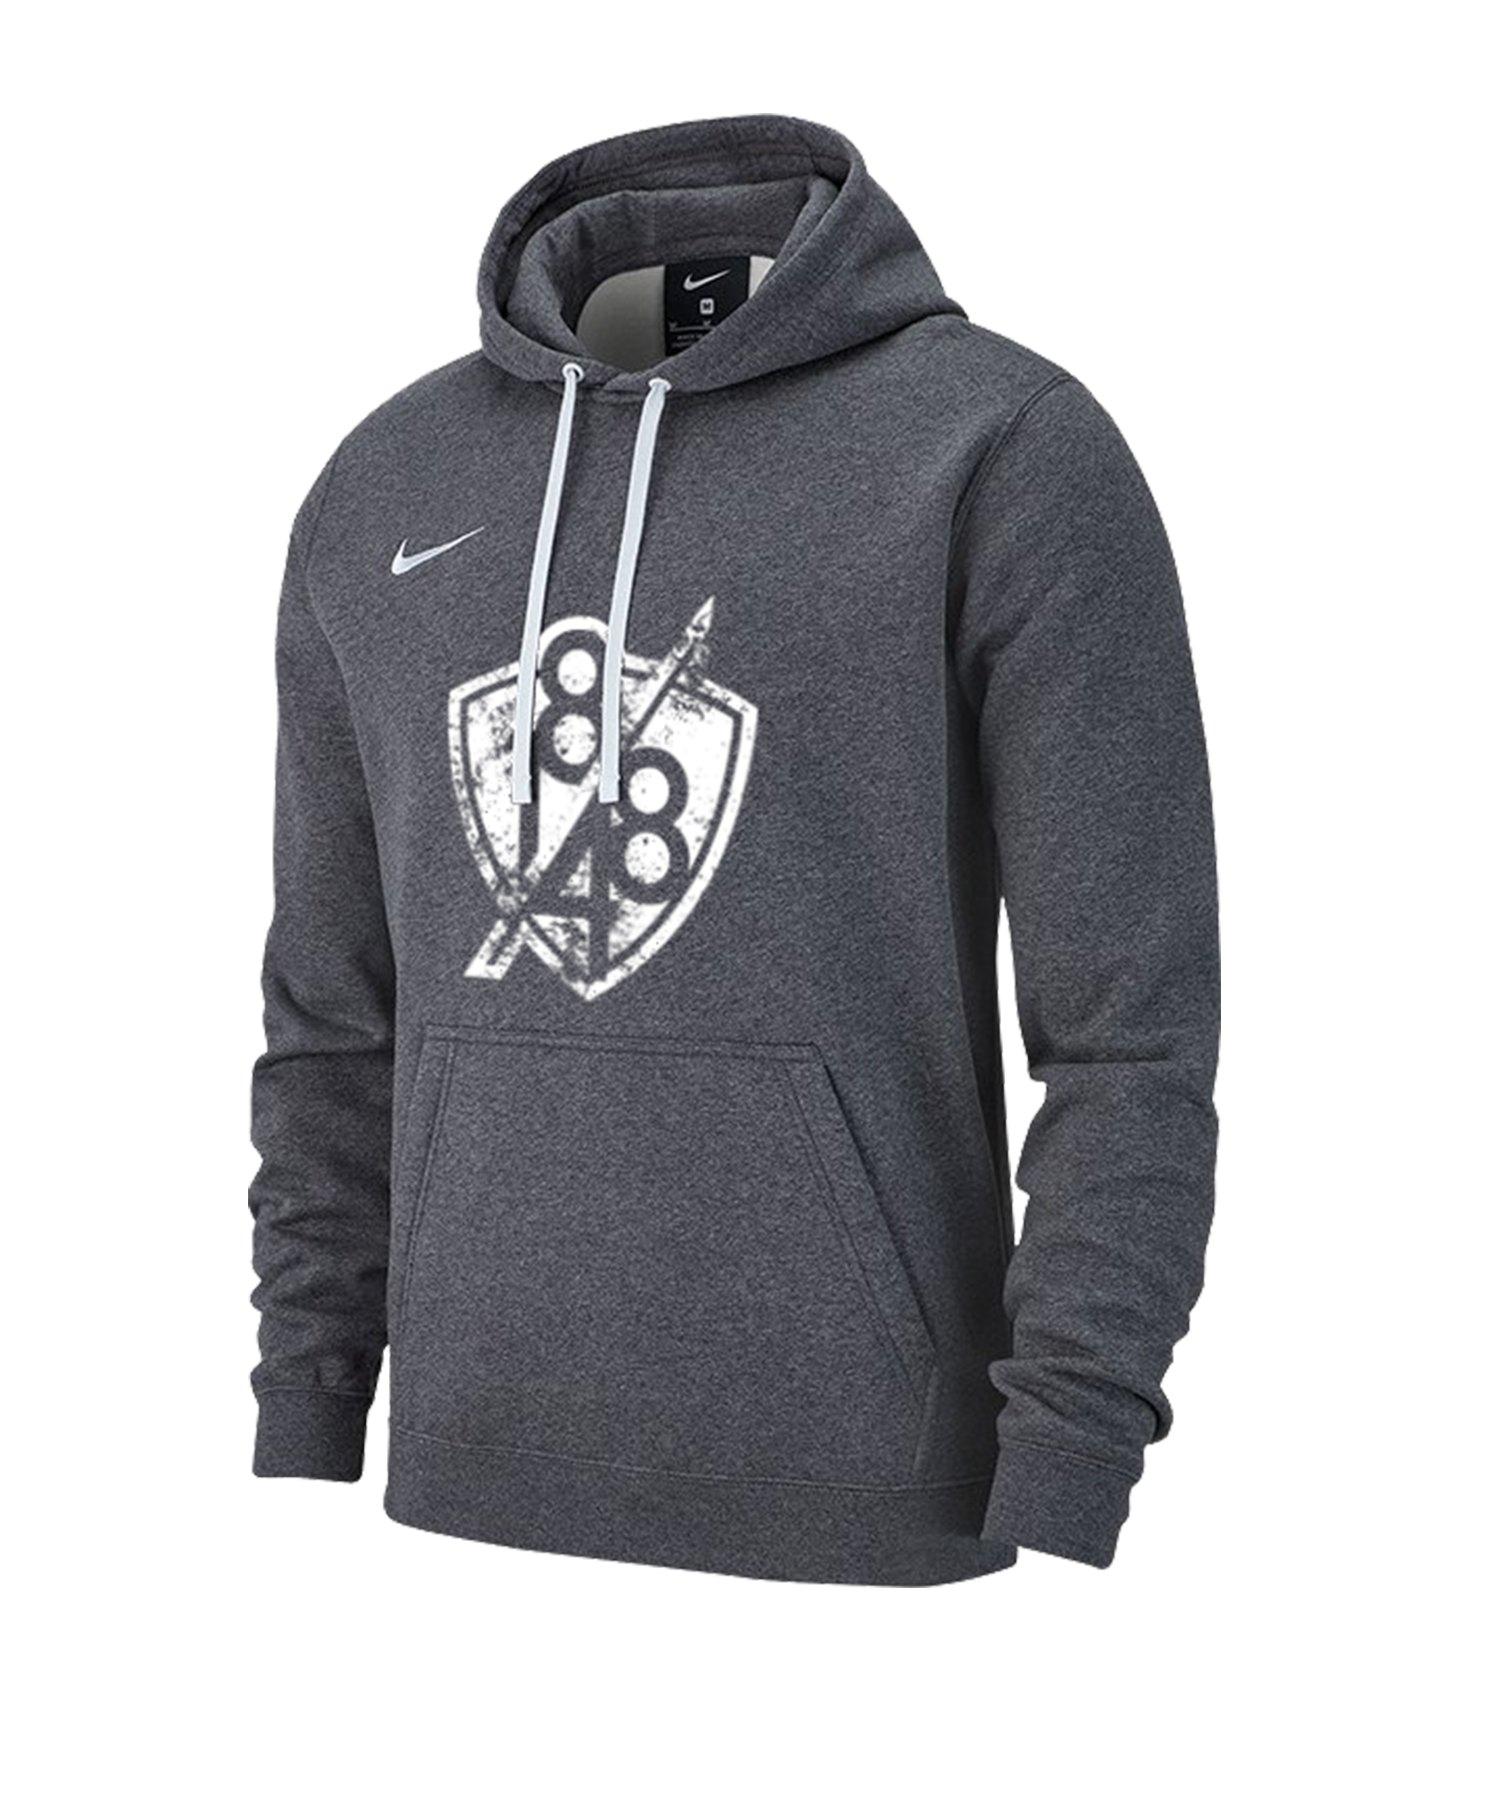 Nike VfL Bochum Kapuzensweatshirt Grau F071 - grau